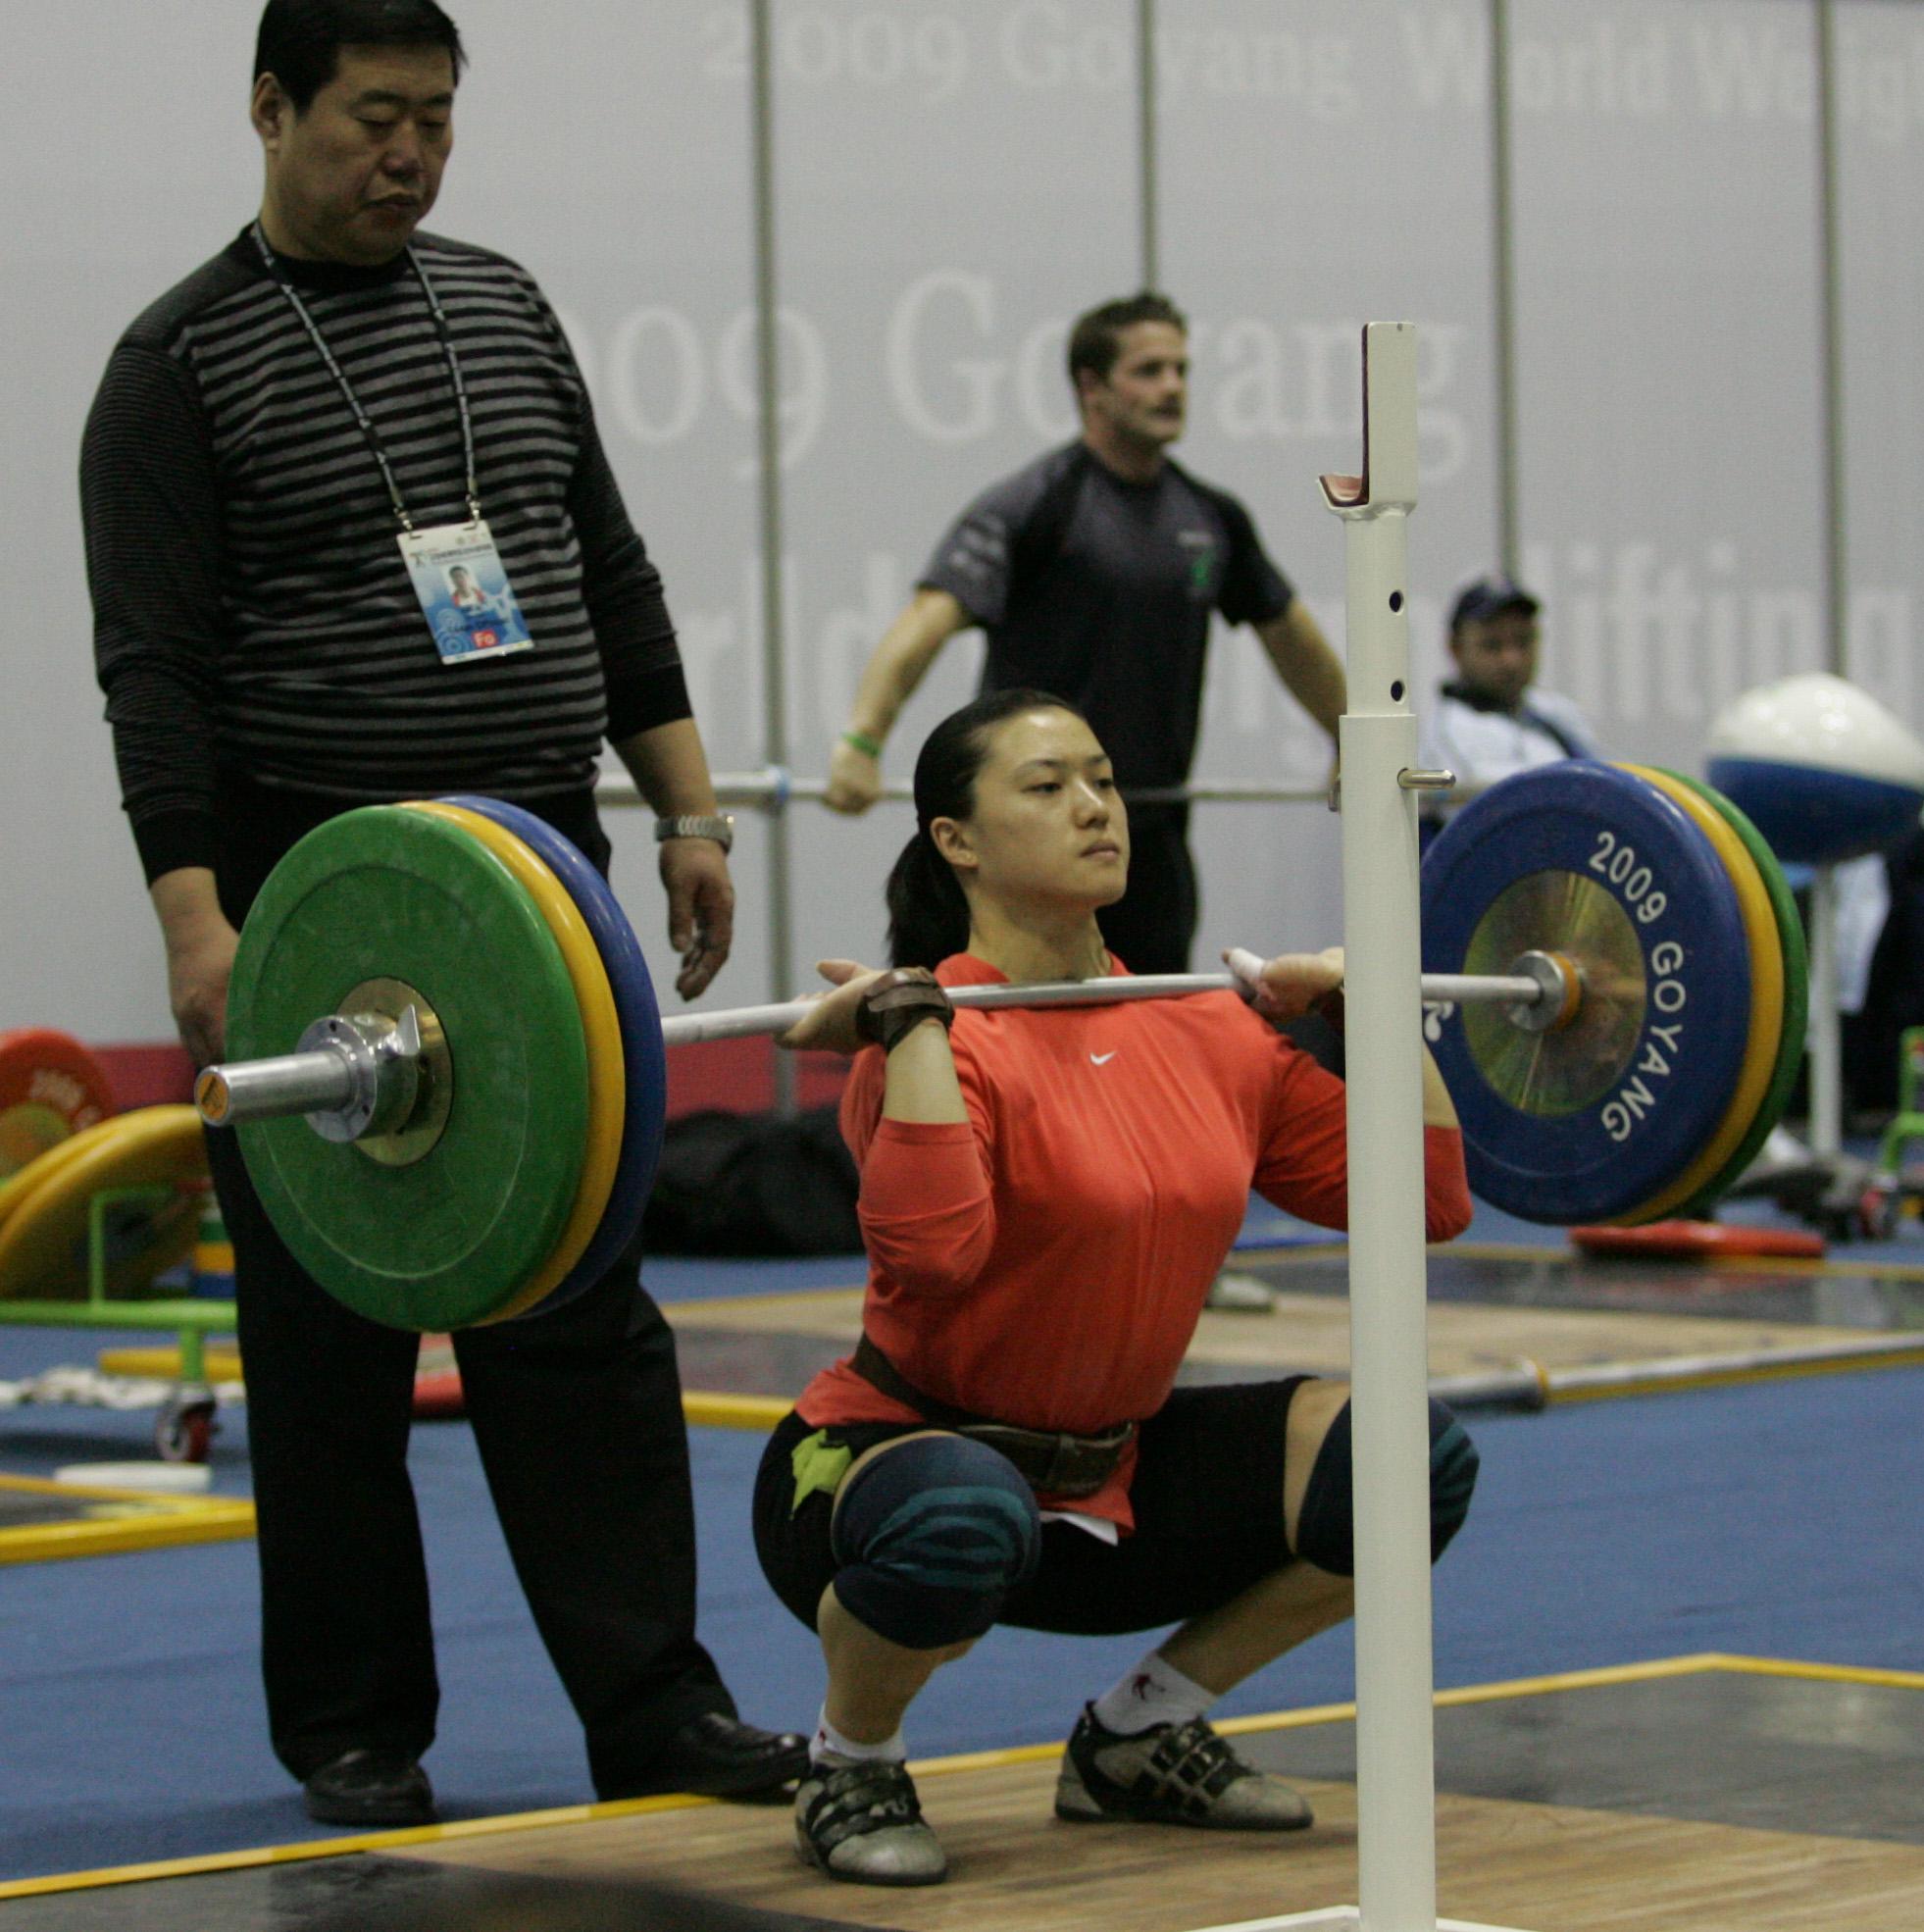 CAO Lei squatting